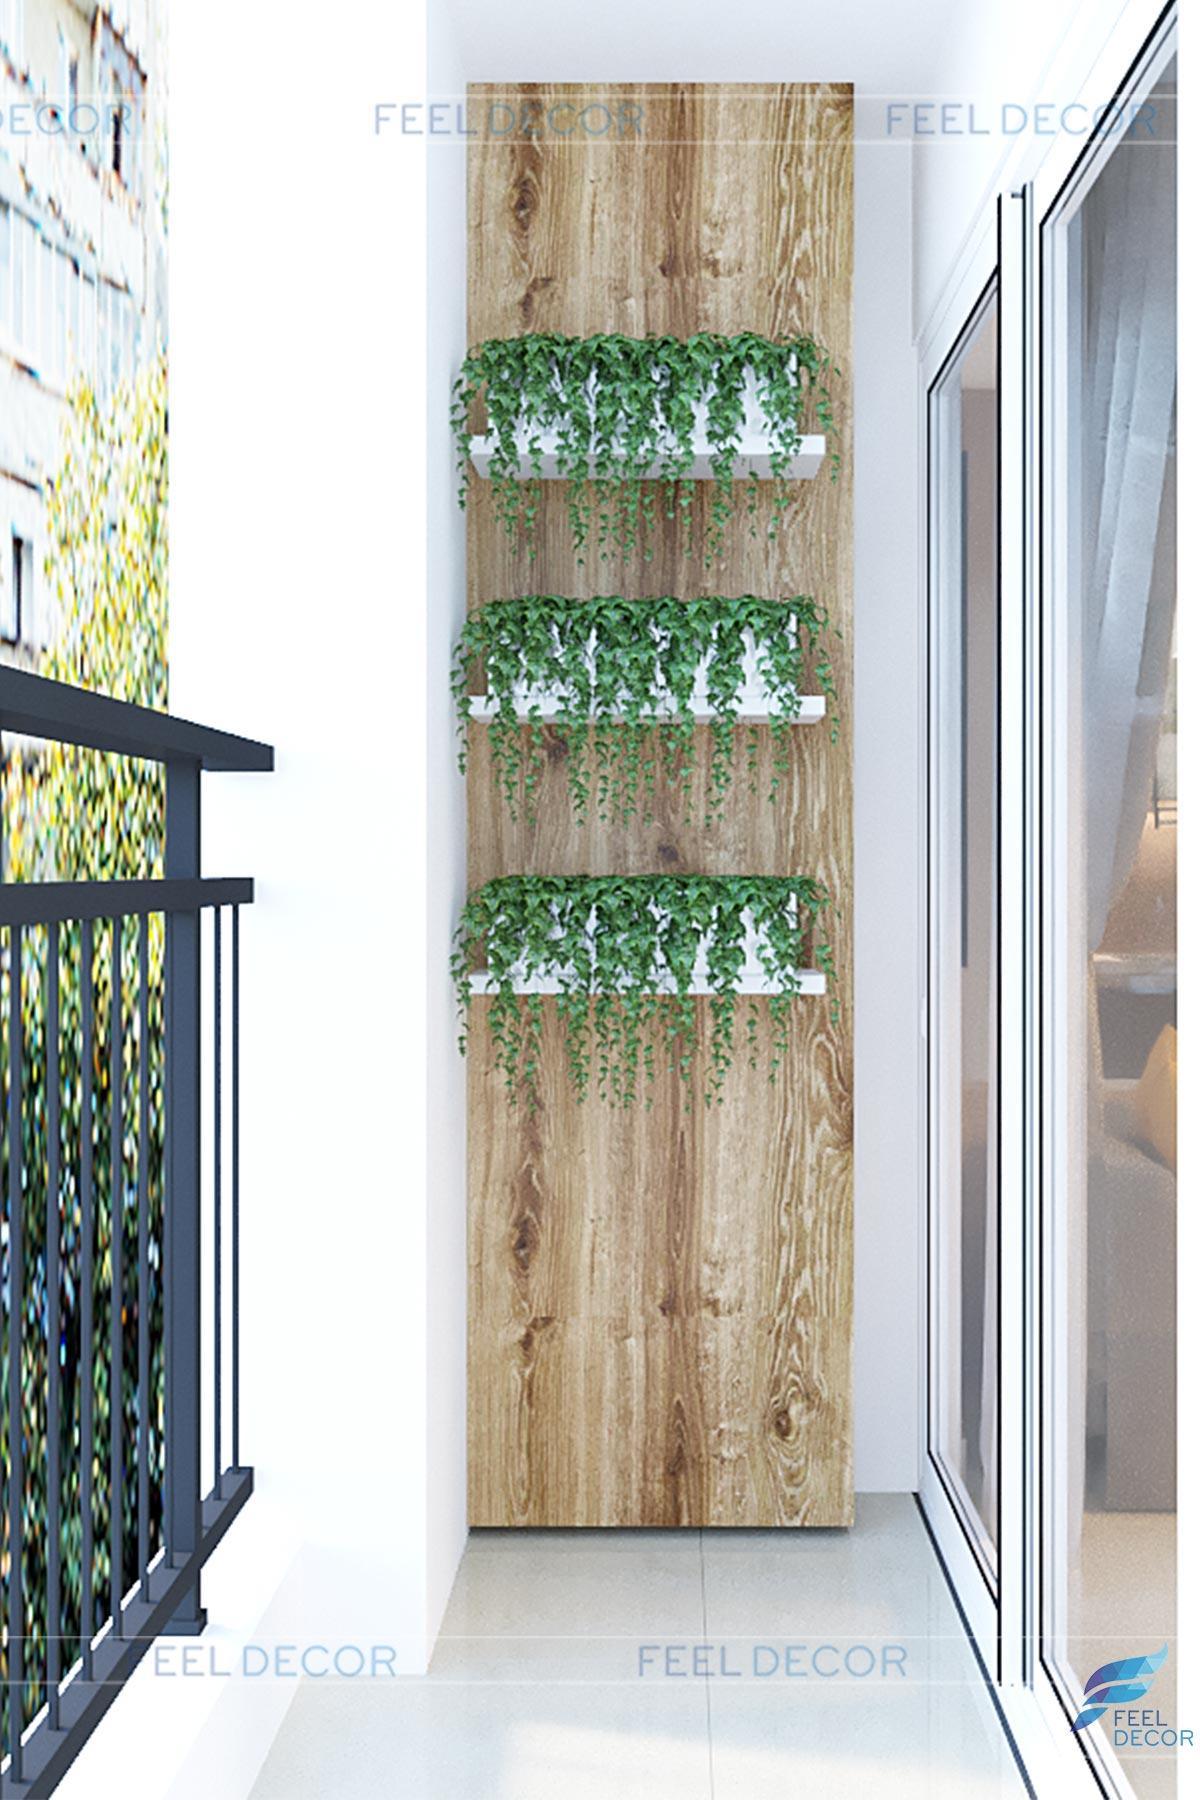 Chậu cây xanh vừa đẹp mắt vừa mang không gian tự nhiên vào trong căn hộ.